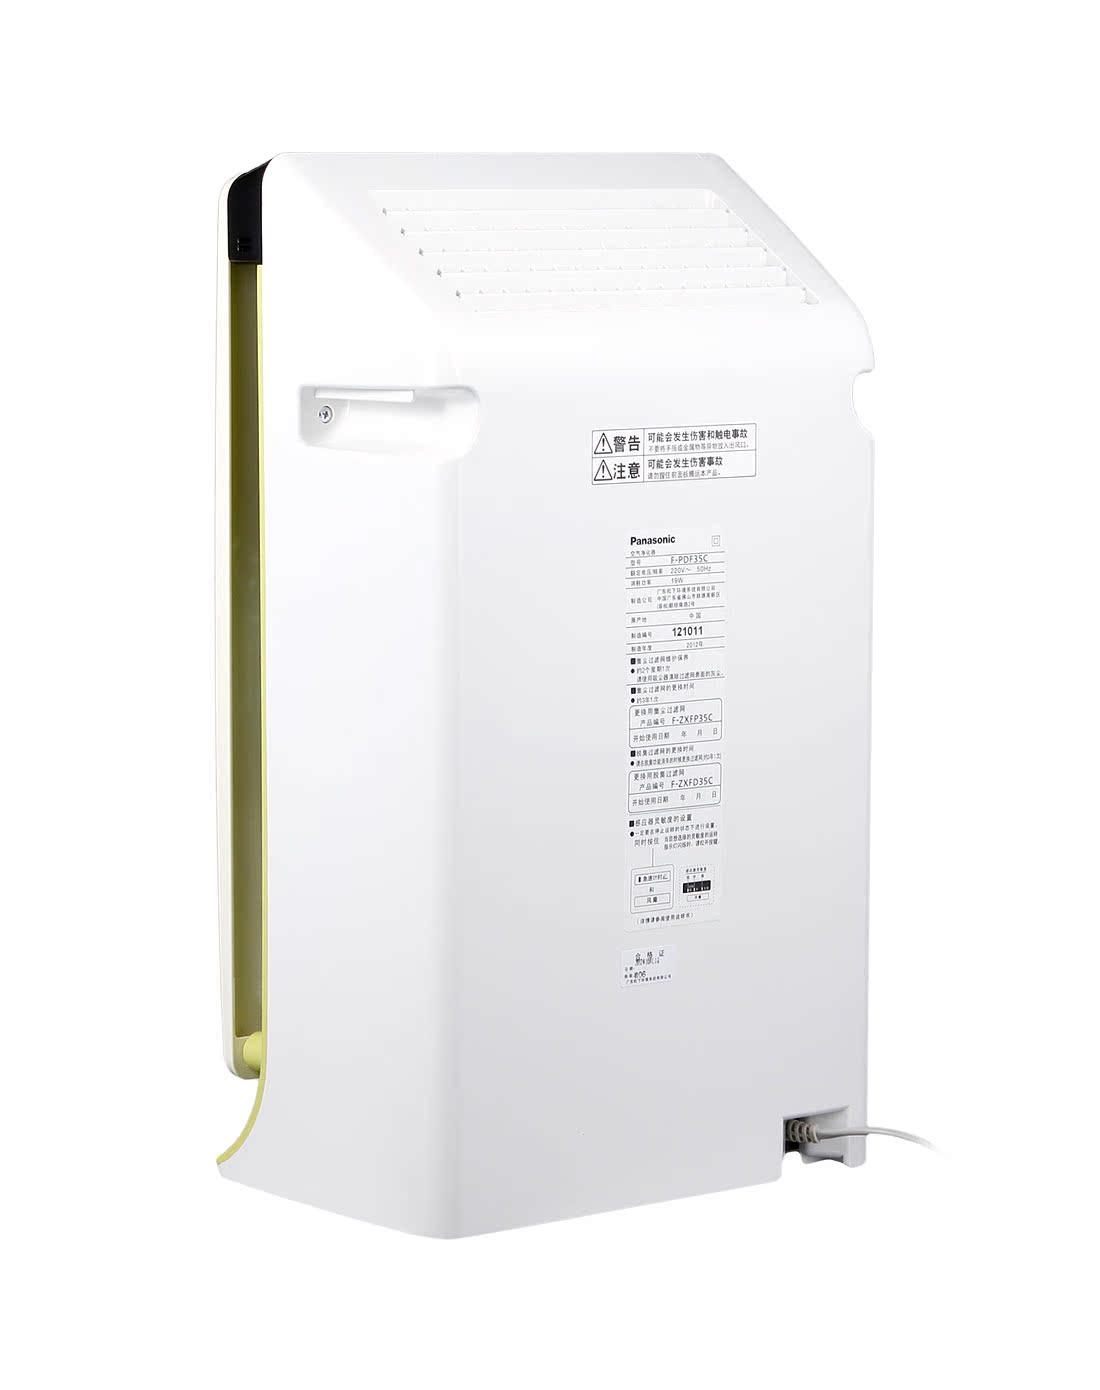 Matsushita (Panasonic) F-PDF35C-G luftreiniger entfernt passivrauchen PM2,5 - geruch